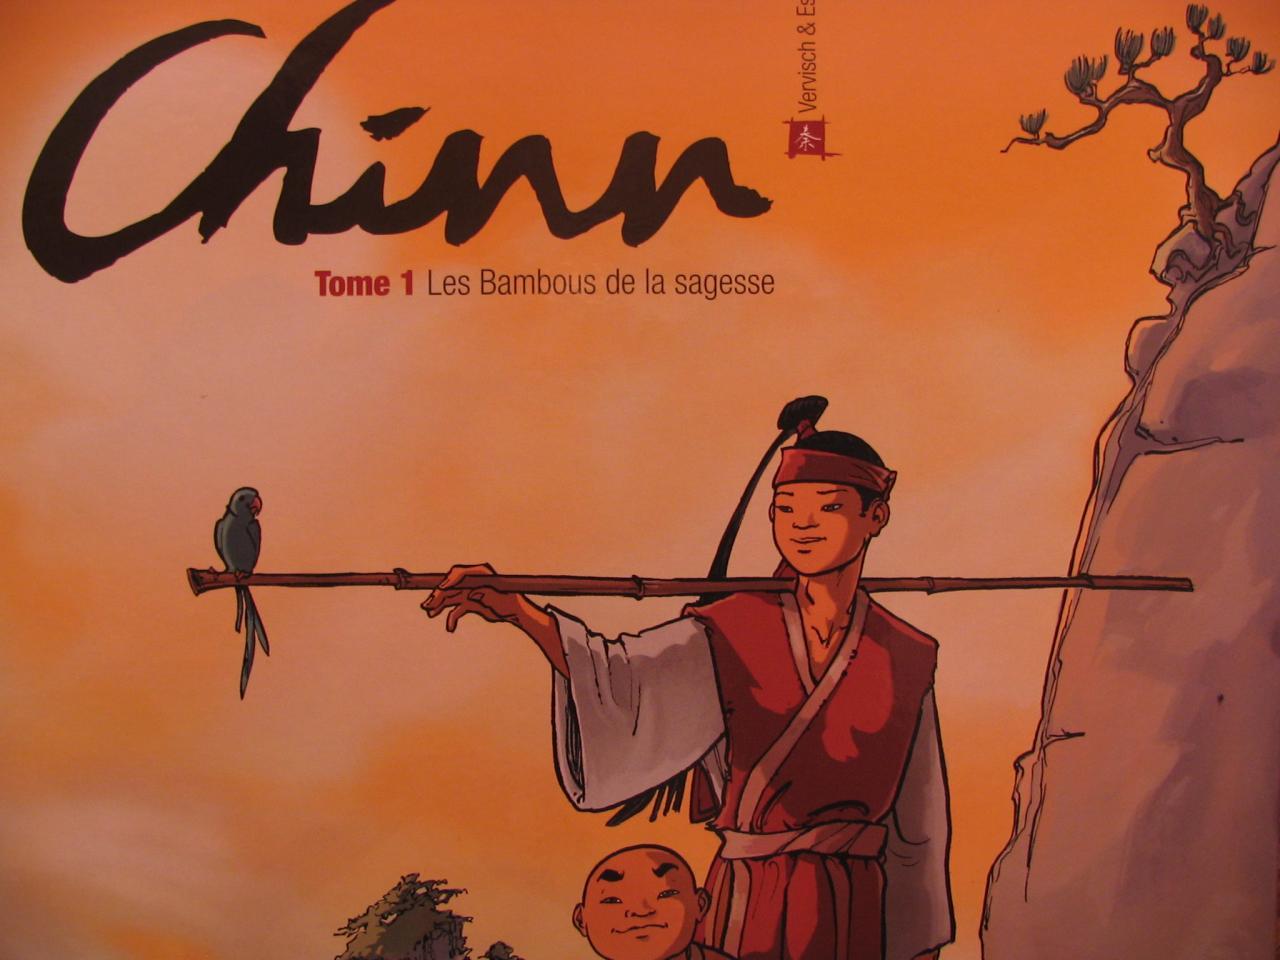 Chinn